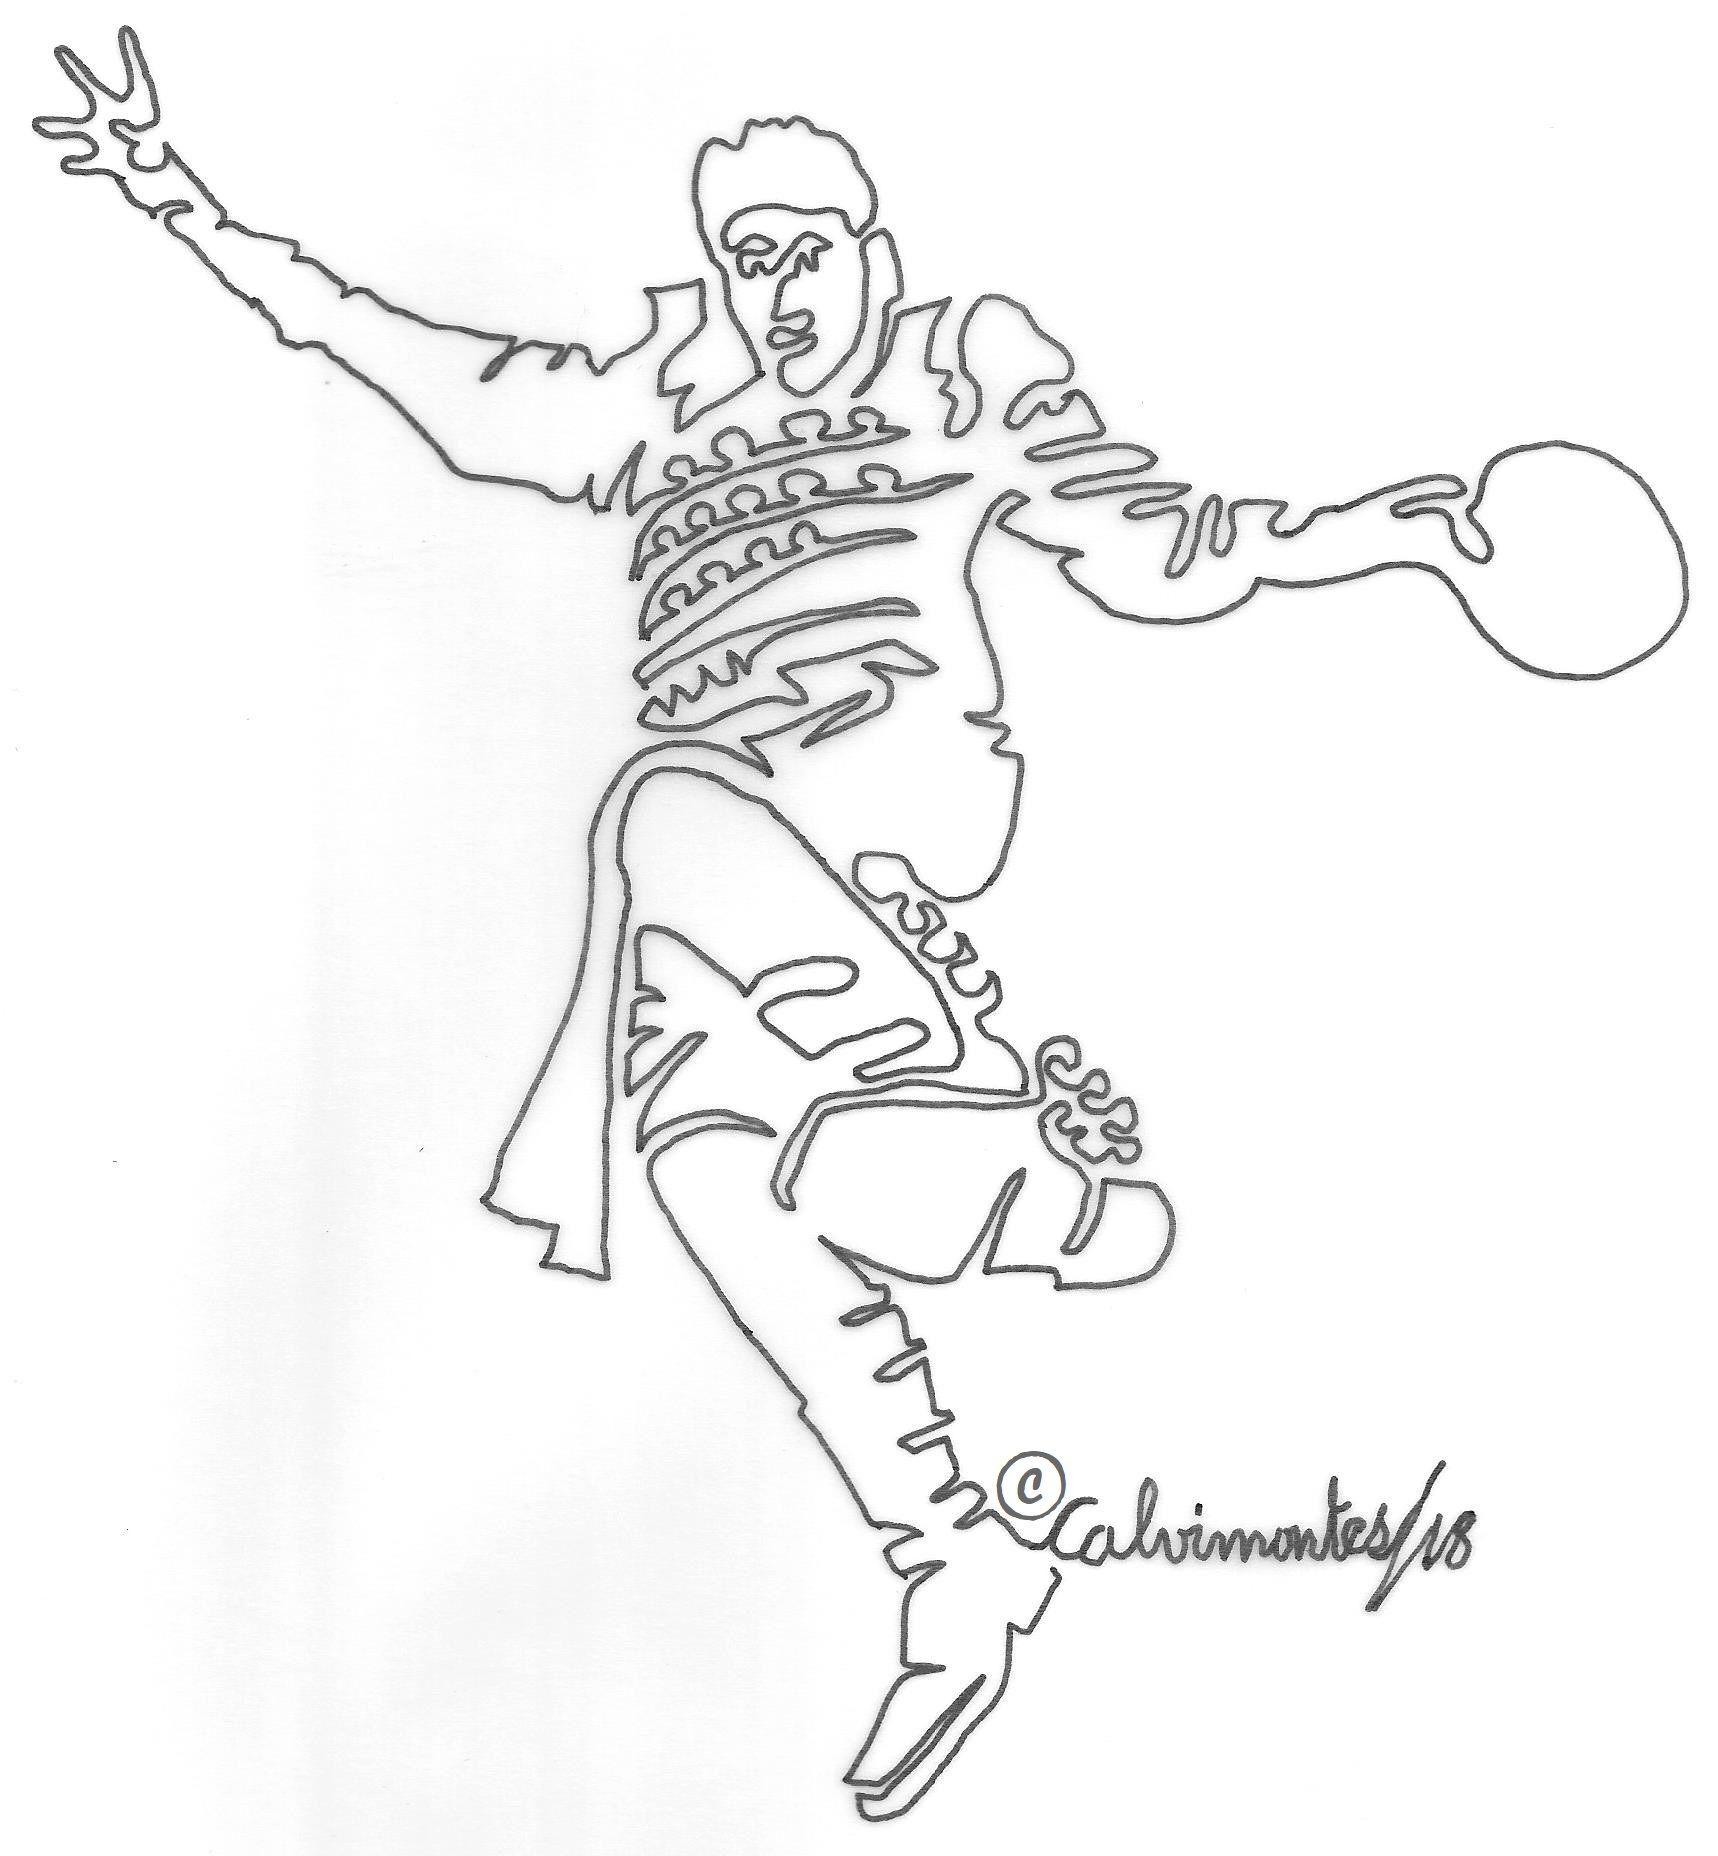 Caporal Personaje De Una Danza Folclorica Boliviana Con Un Solo Trazo Por Carlos Calvimontes Rojas Personajes Danza Folclorica Artistas